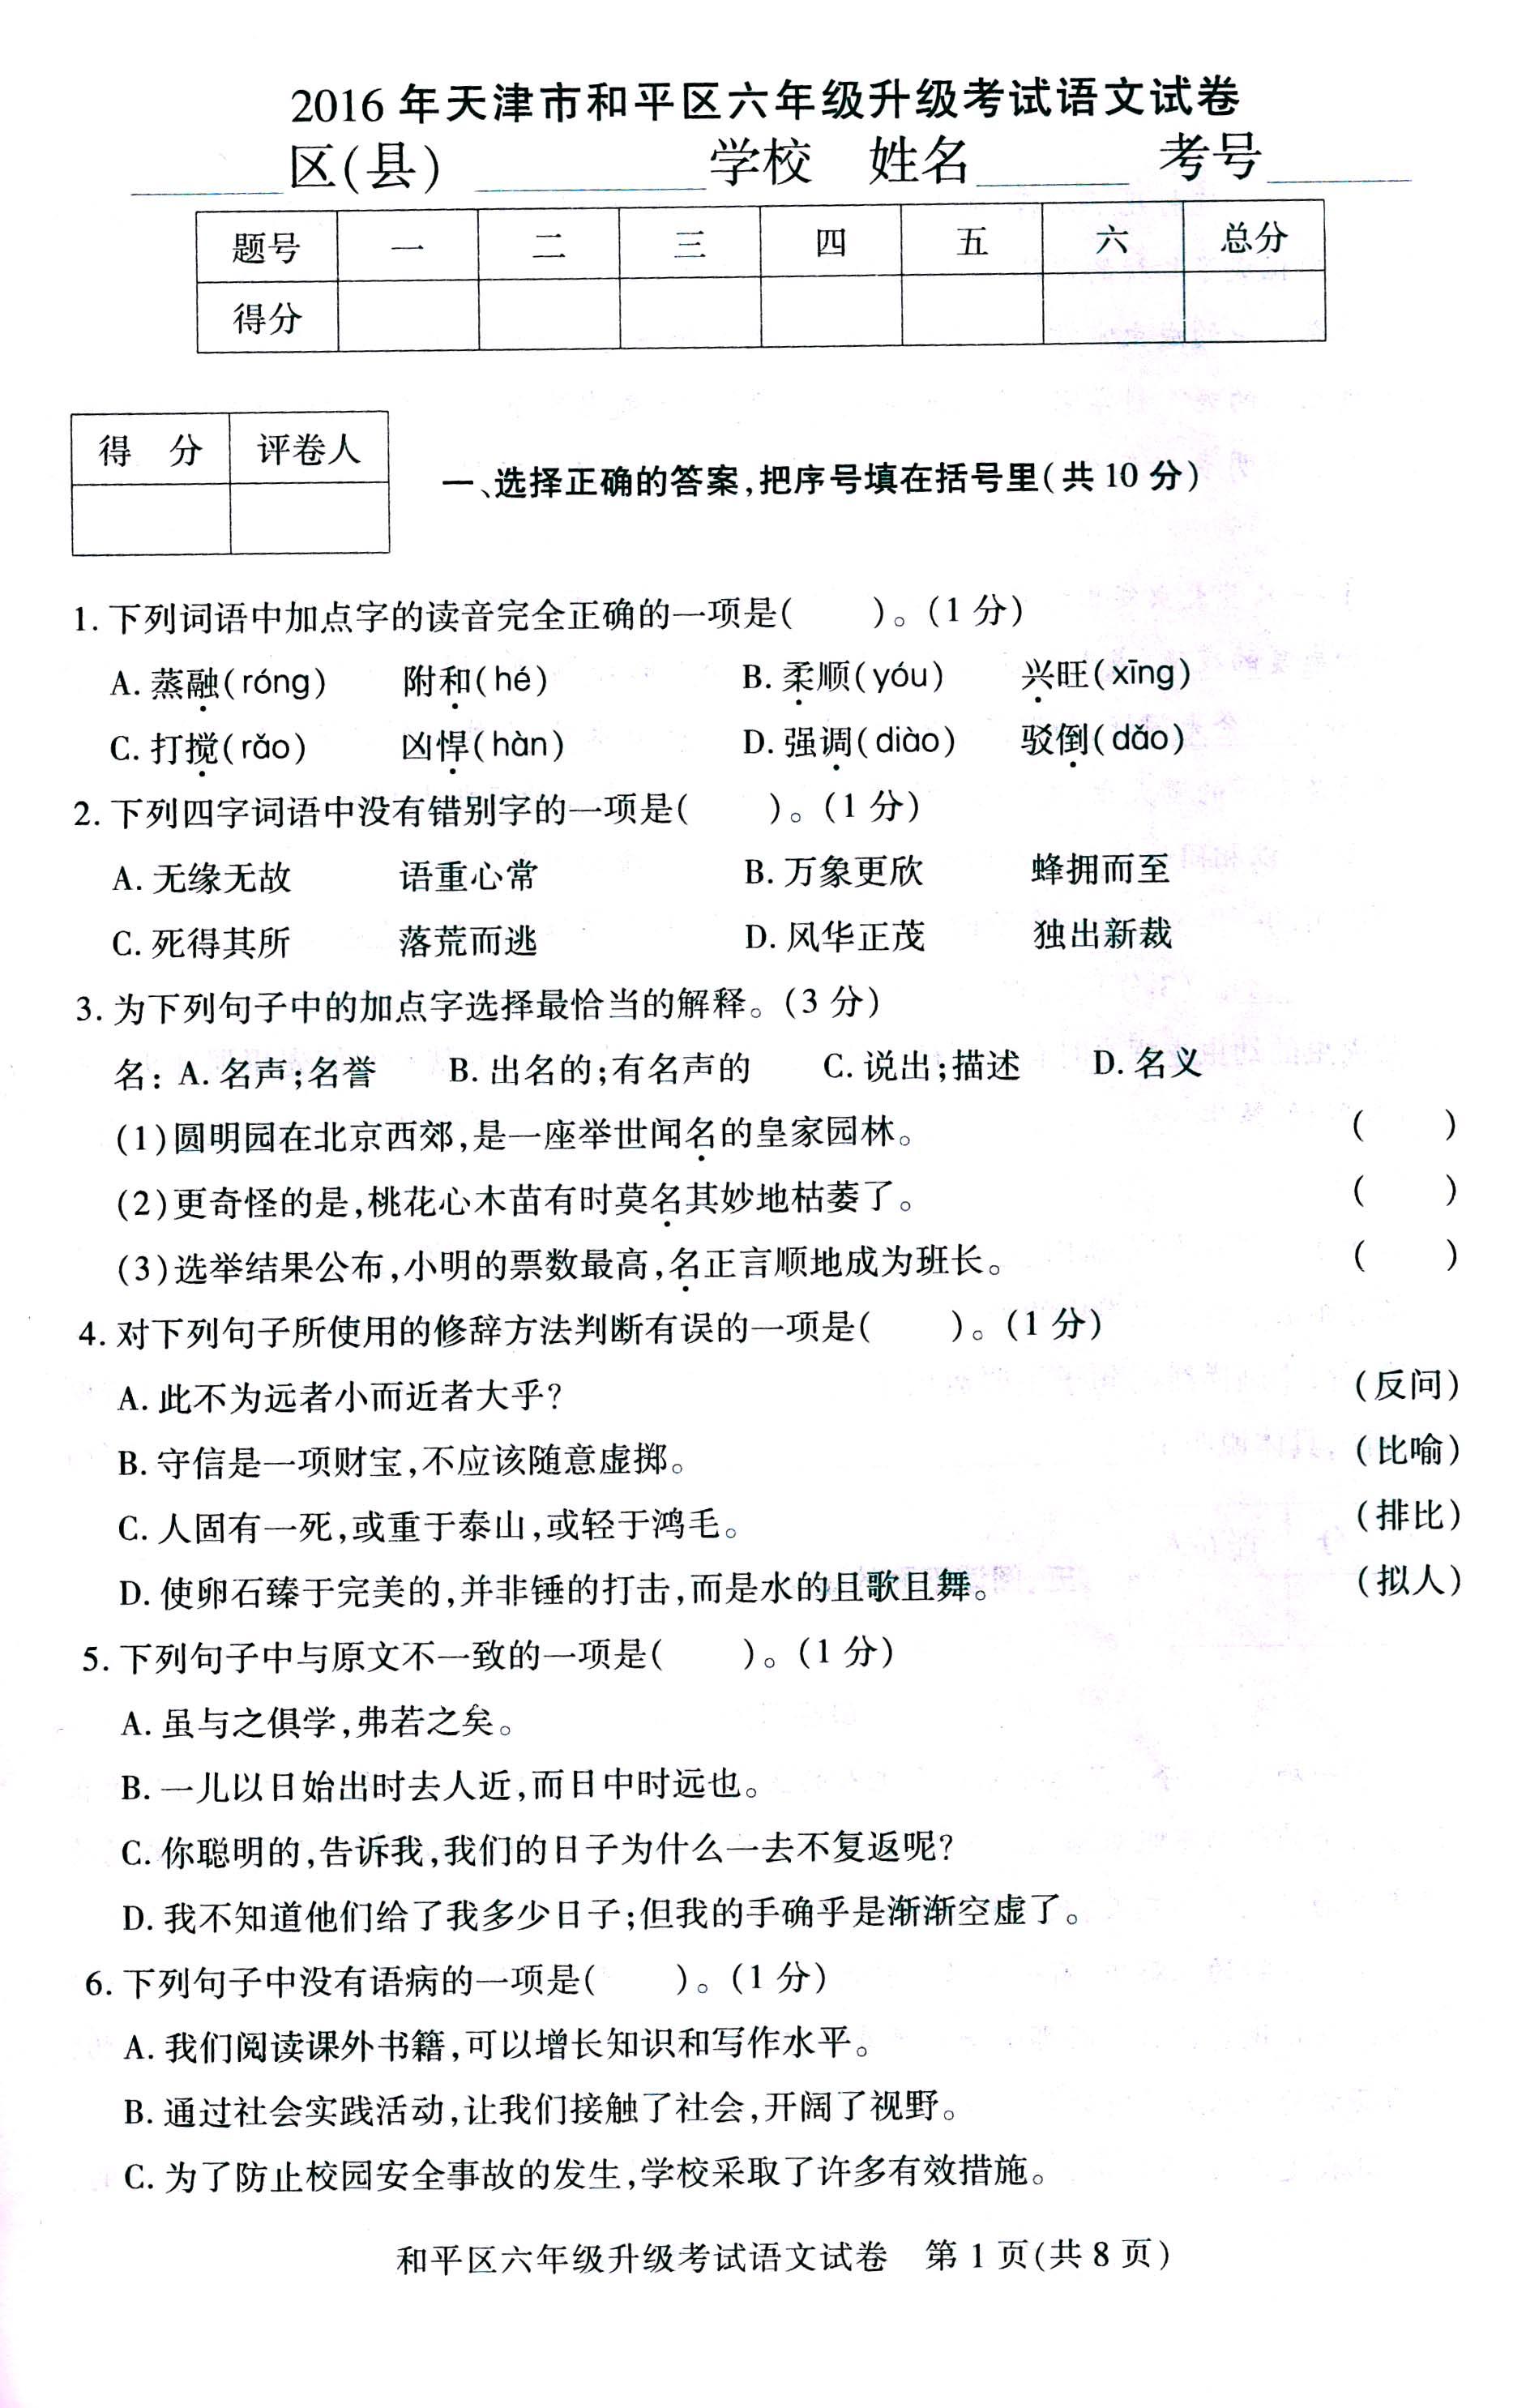 2016天津市小升初真题